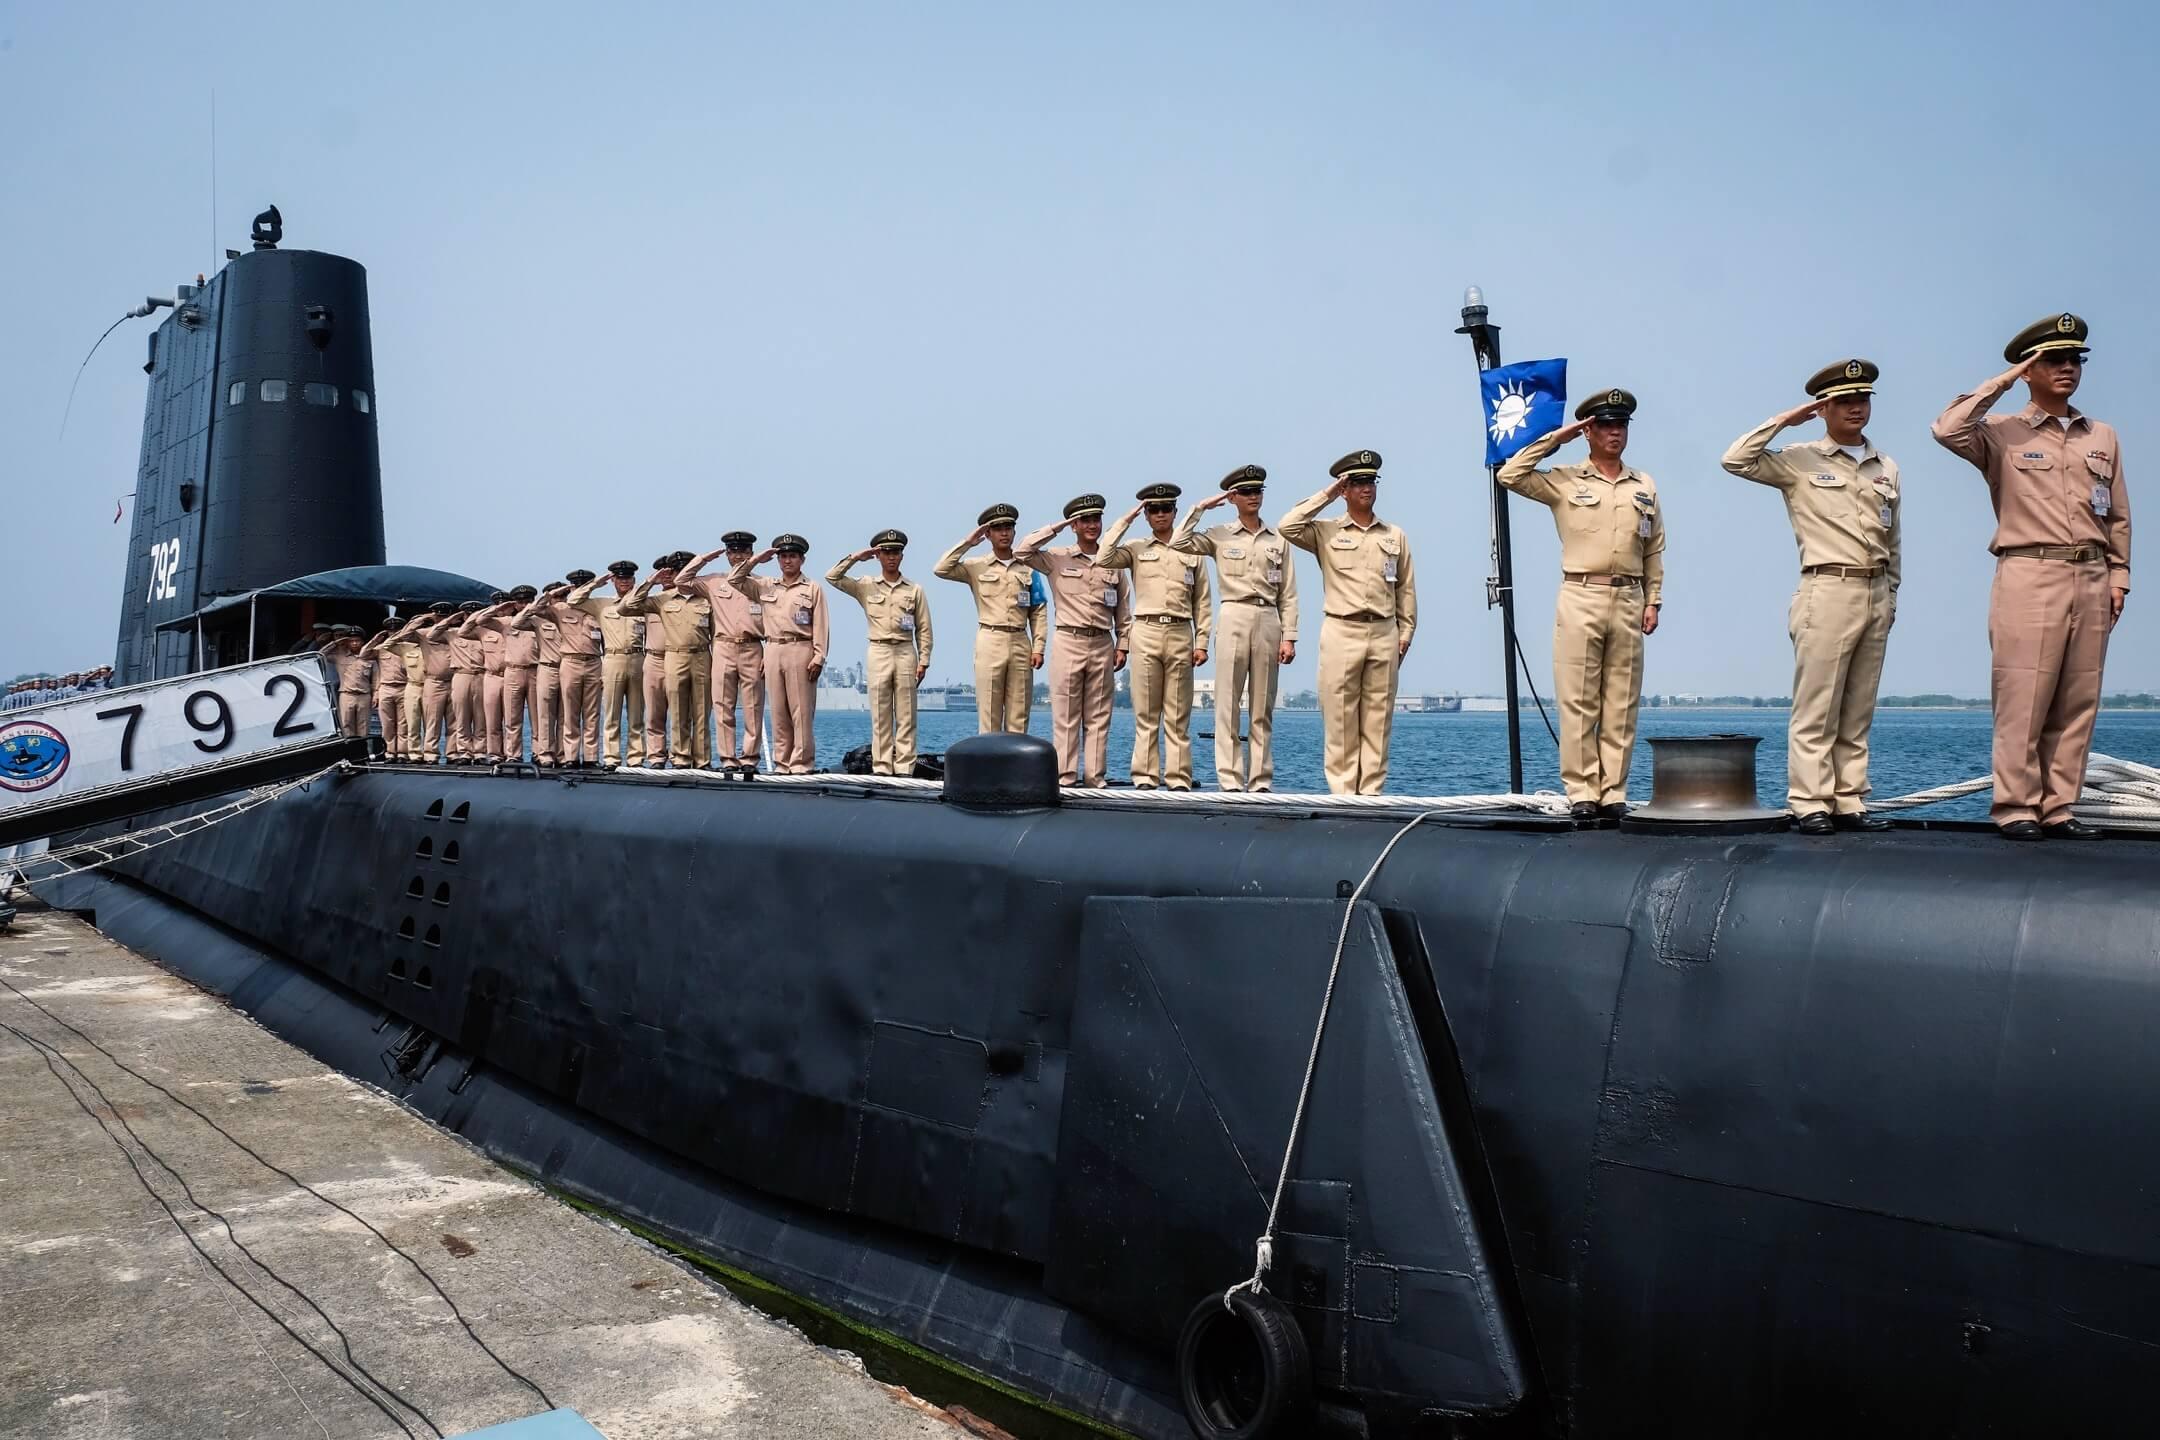 此次美國所核准的「行銷核准證」,僅為涉及潛艦的「戰鬥系統」,包括聲納、魚雷、潛射反艦飛彈及其自動化射控系統等;而非潛艦國造案所涉及,包含儎台設計、戰鬥系統與全艦系統整合等完整的技術協助。圖為2014年台灣海軍在一艘美製潛艦上行禮。 攝:Sam Yeh/AFP/Getty Images